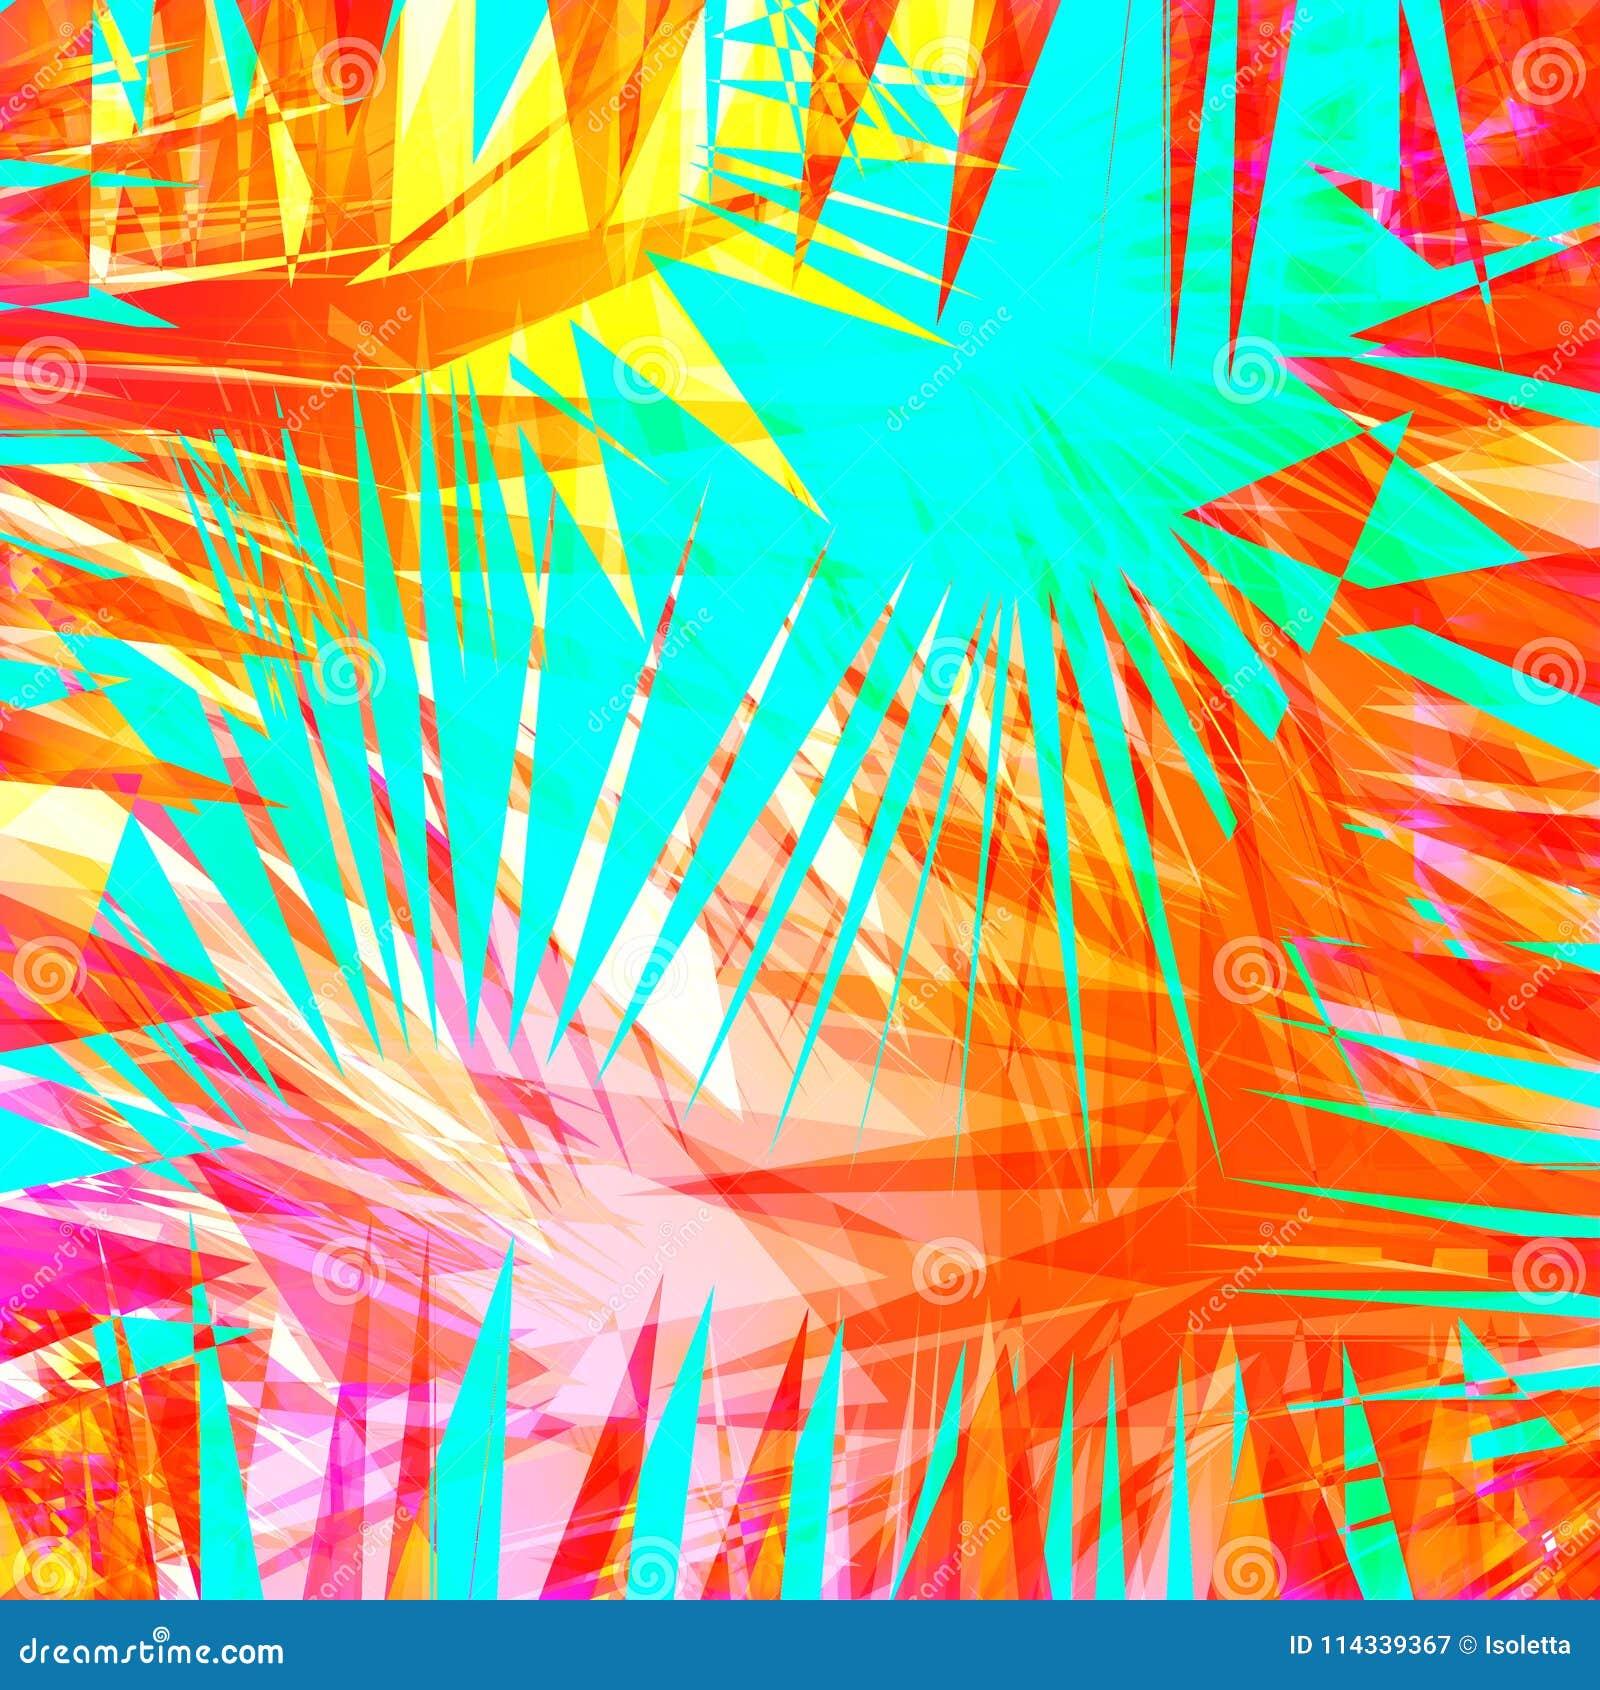 Abstracte kleurrijke golvende achtergrond Gradiënt glanzende bekleding Heldere affiche, banner, het element van het Webontwerp in